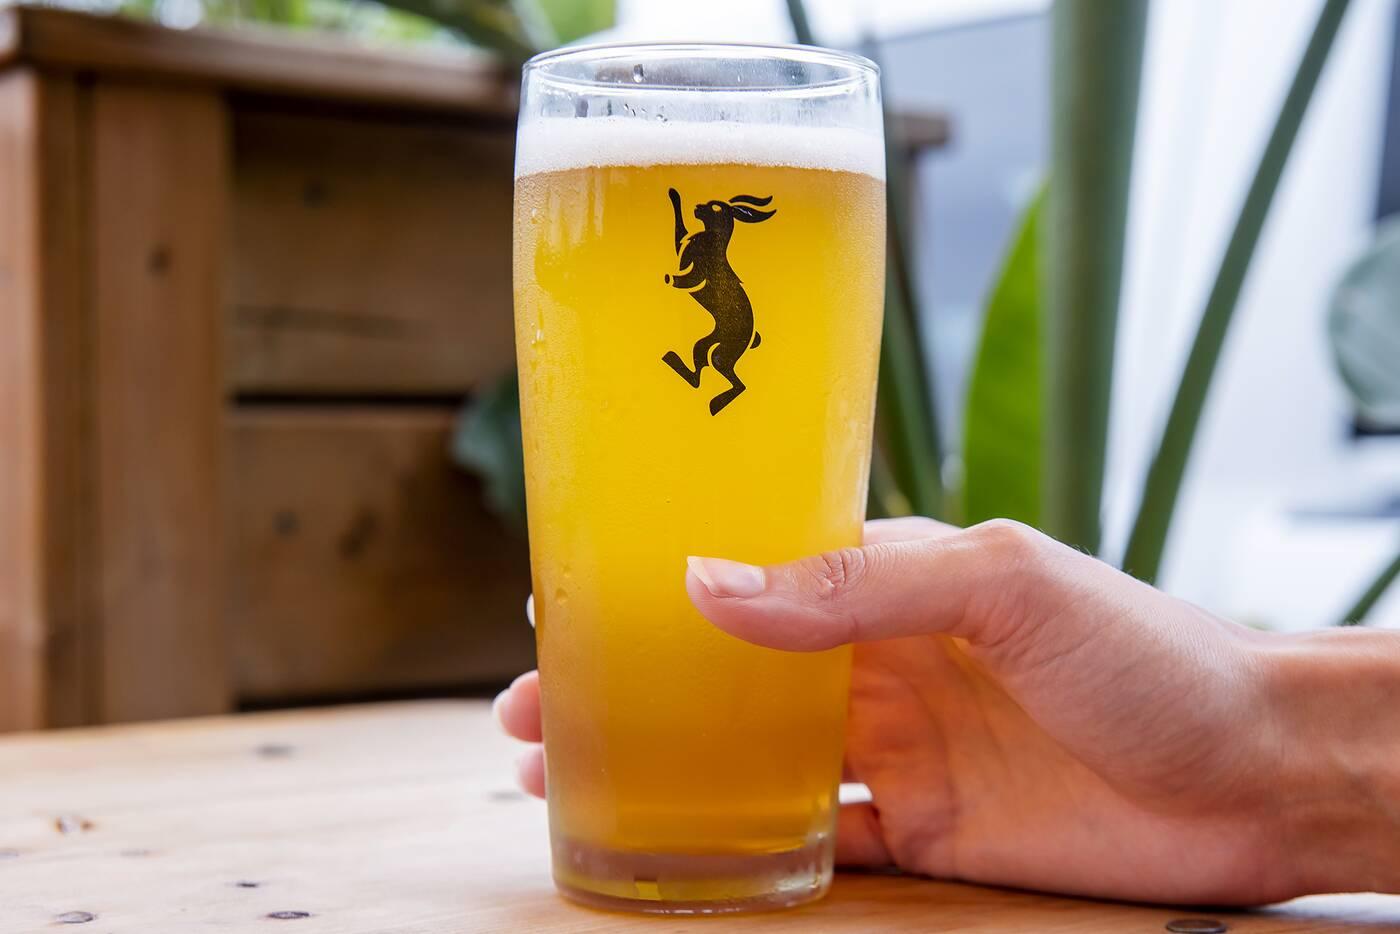 Mascot Brewery etobicoke